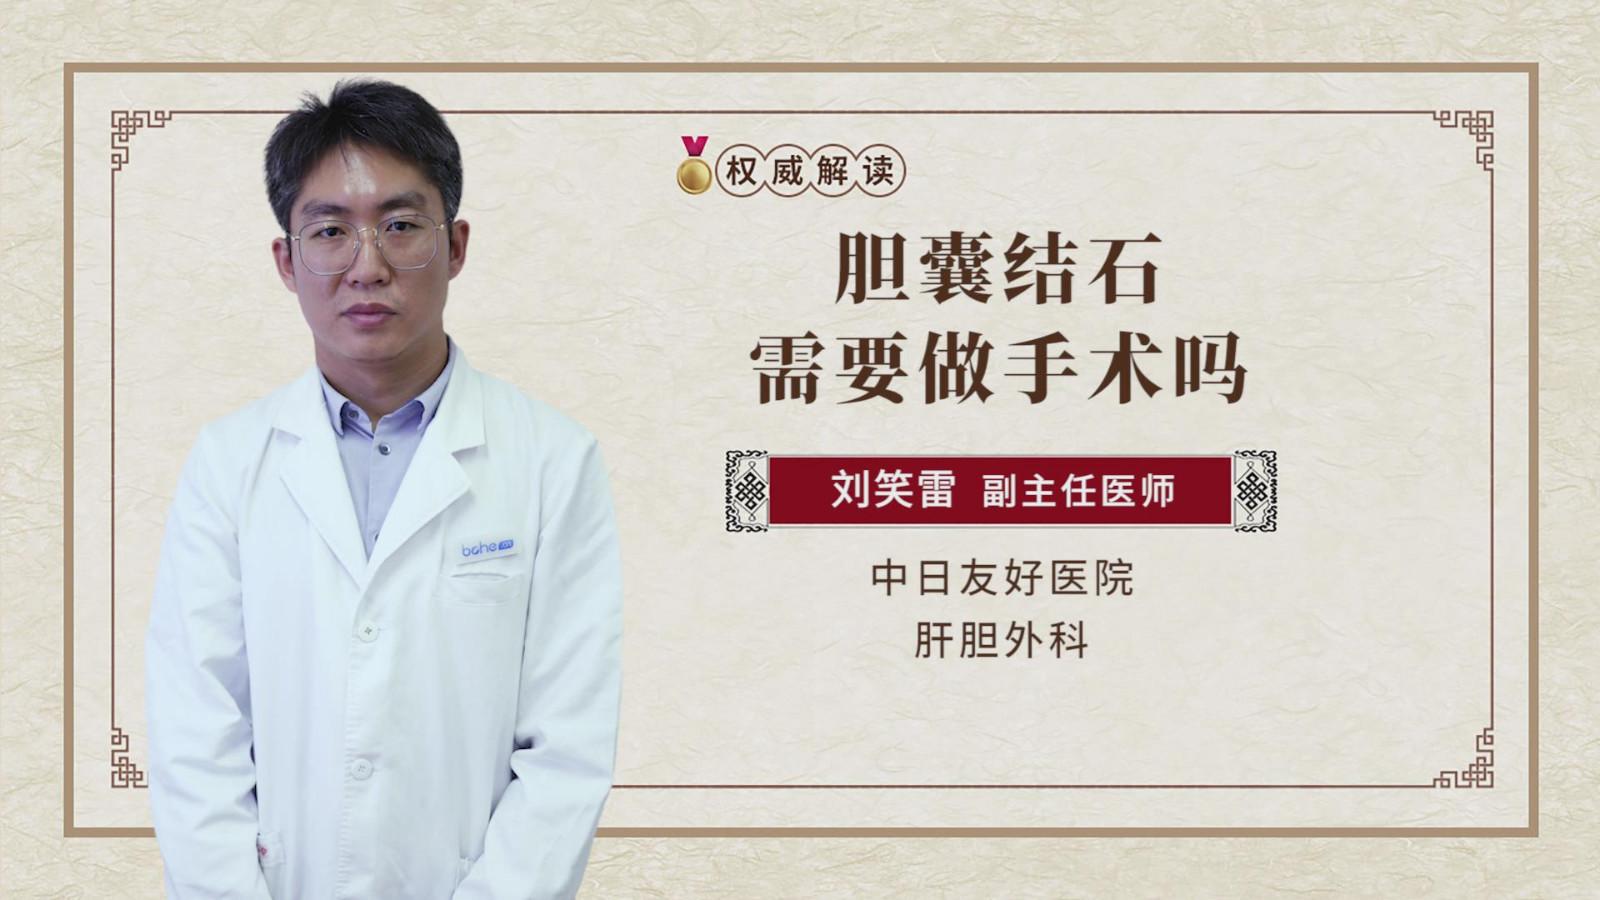 胆囊结石需要做手术吗